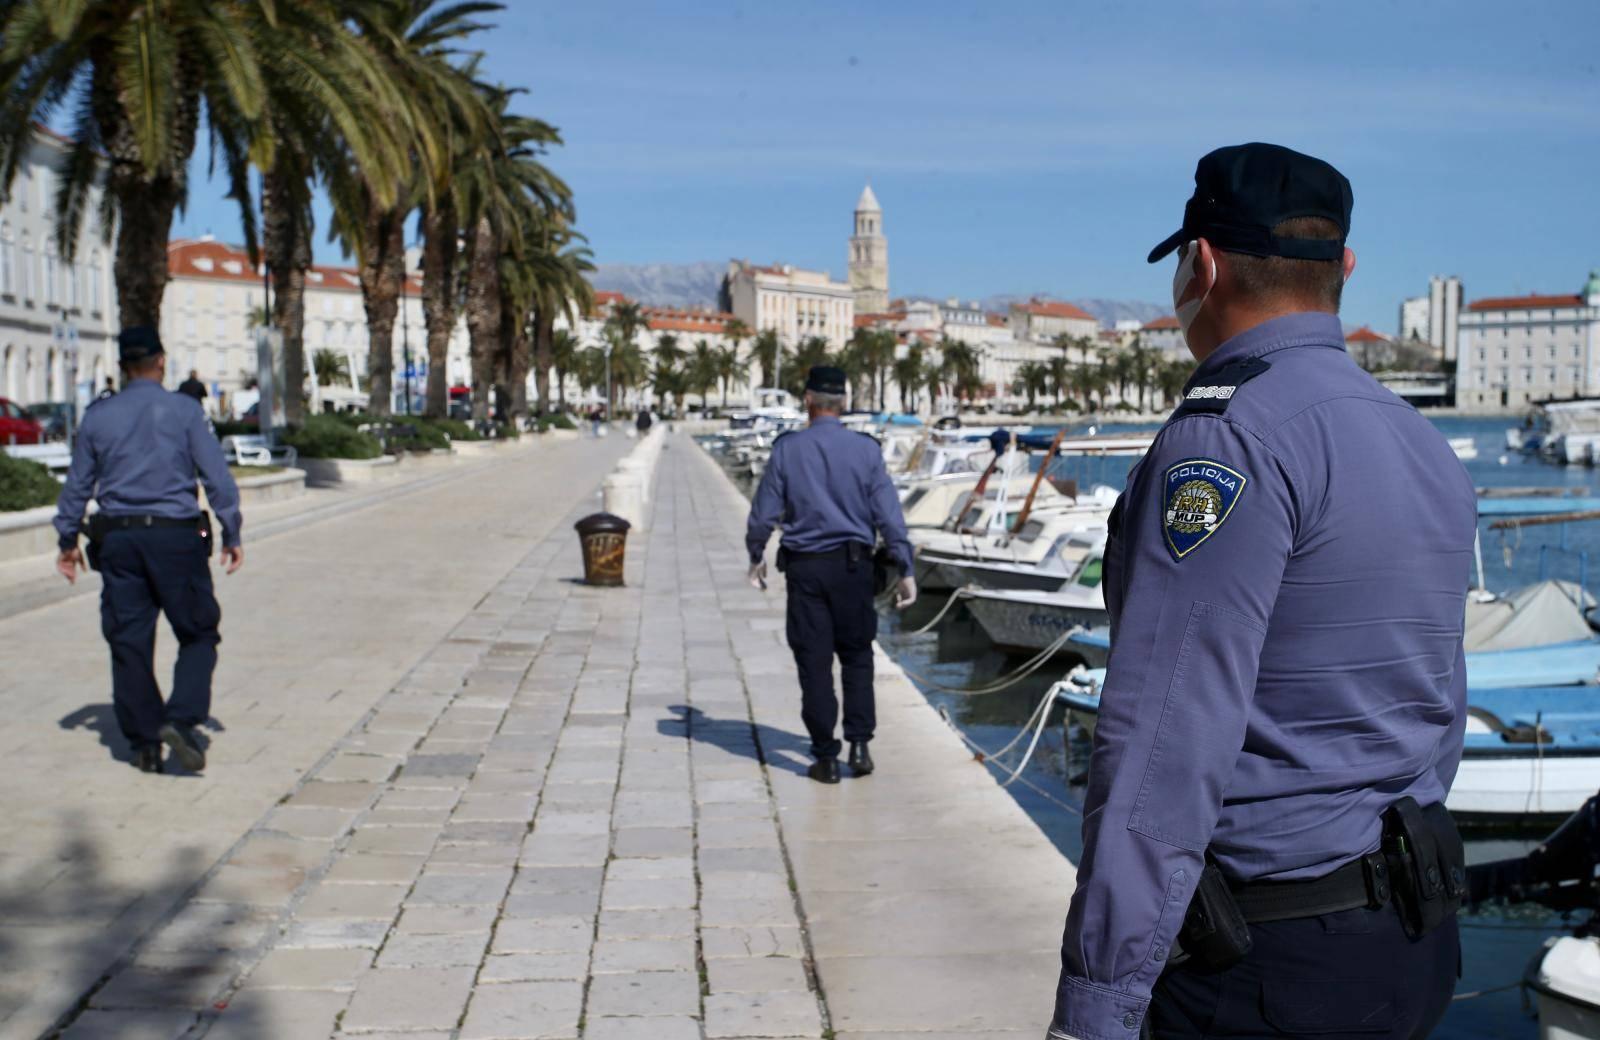 Inspekcija i u Splitu: 'Zatvorili nas zbog dostave ispred lokala'